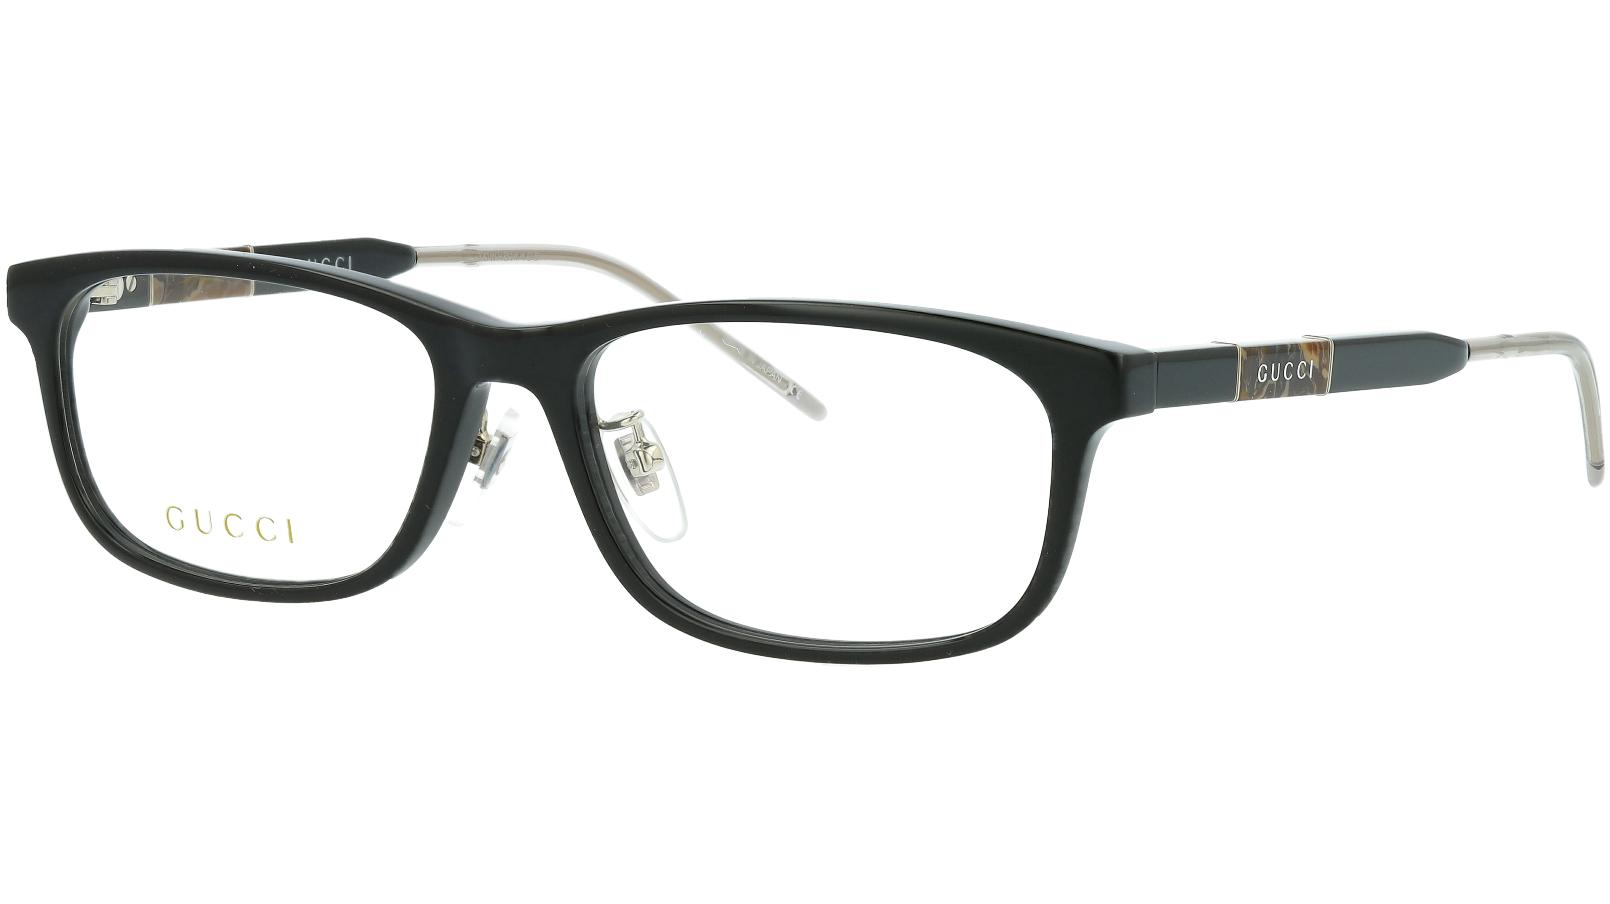 Gucci GG0858OJ 002 55 Black Glasses